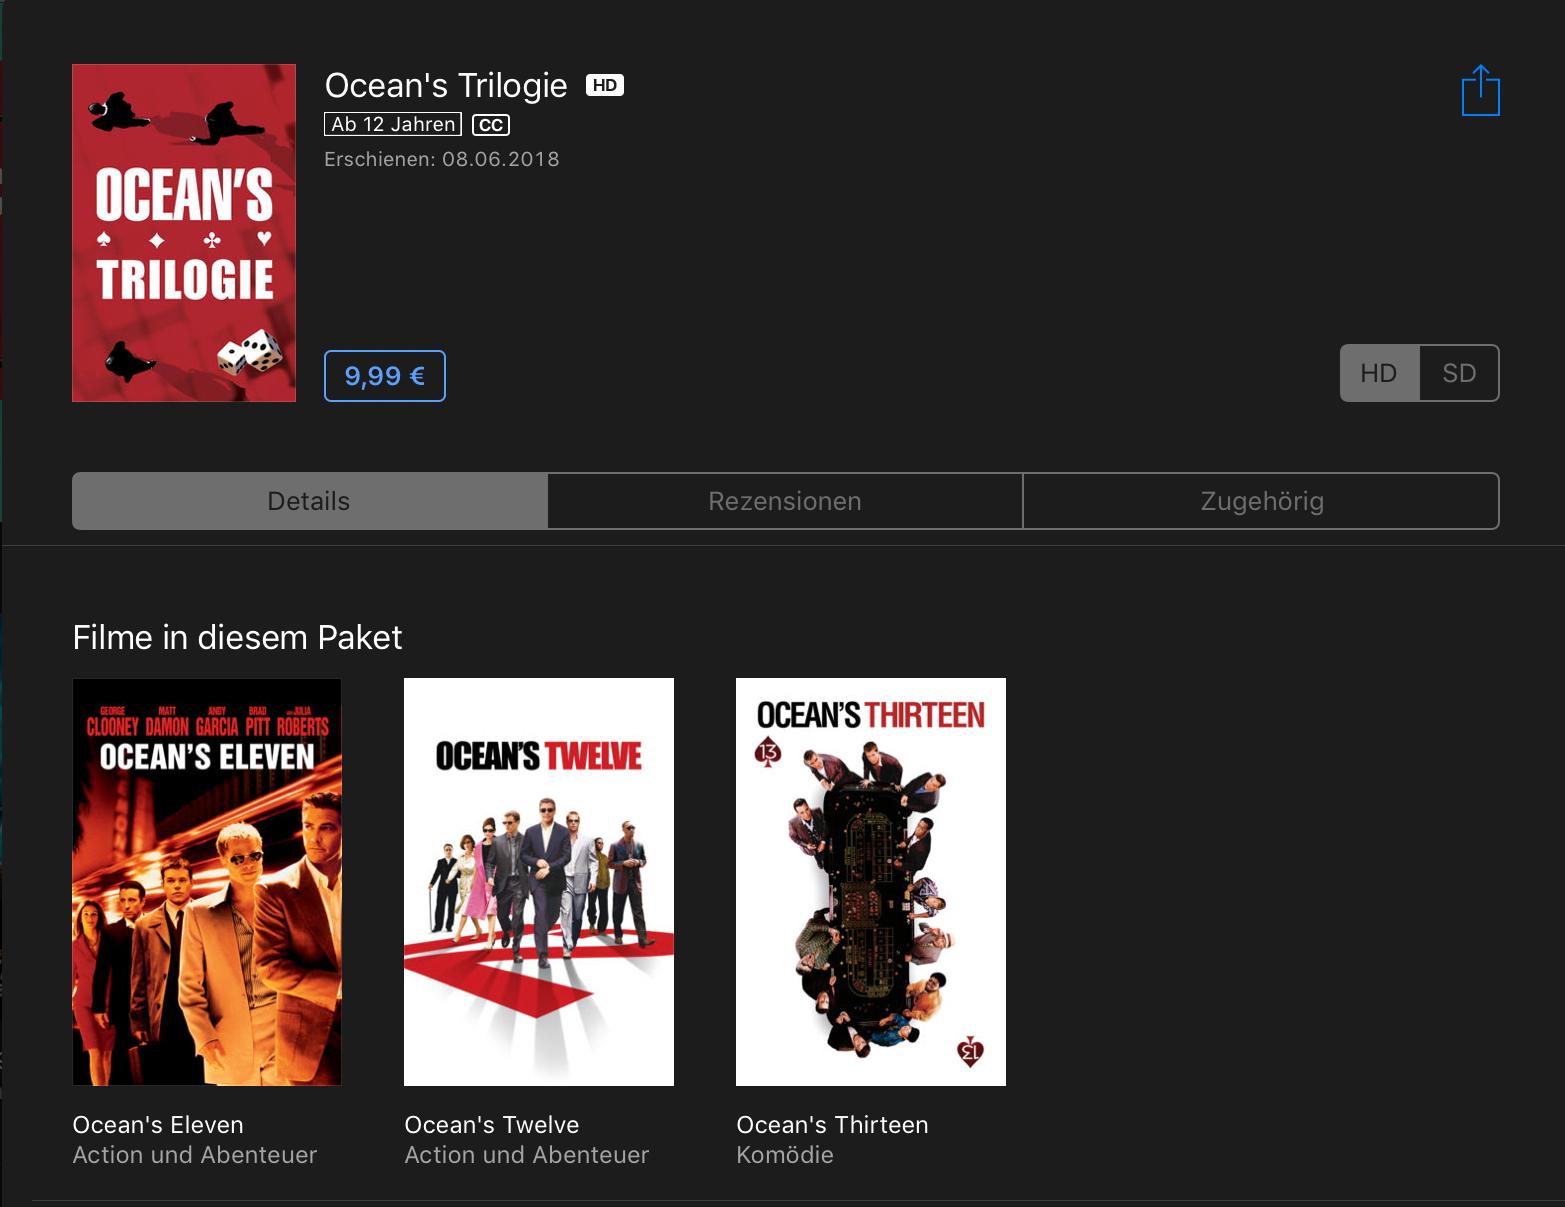 iTunes - Ankündigung 10 Tage 10 Bundles - Start mit Ocean's Trilogie